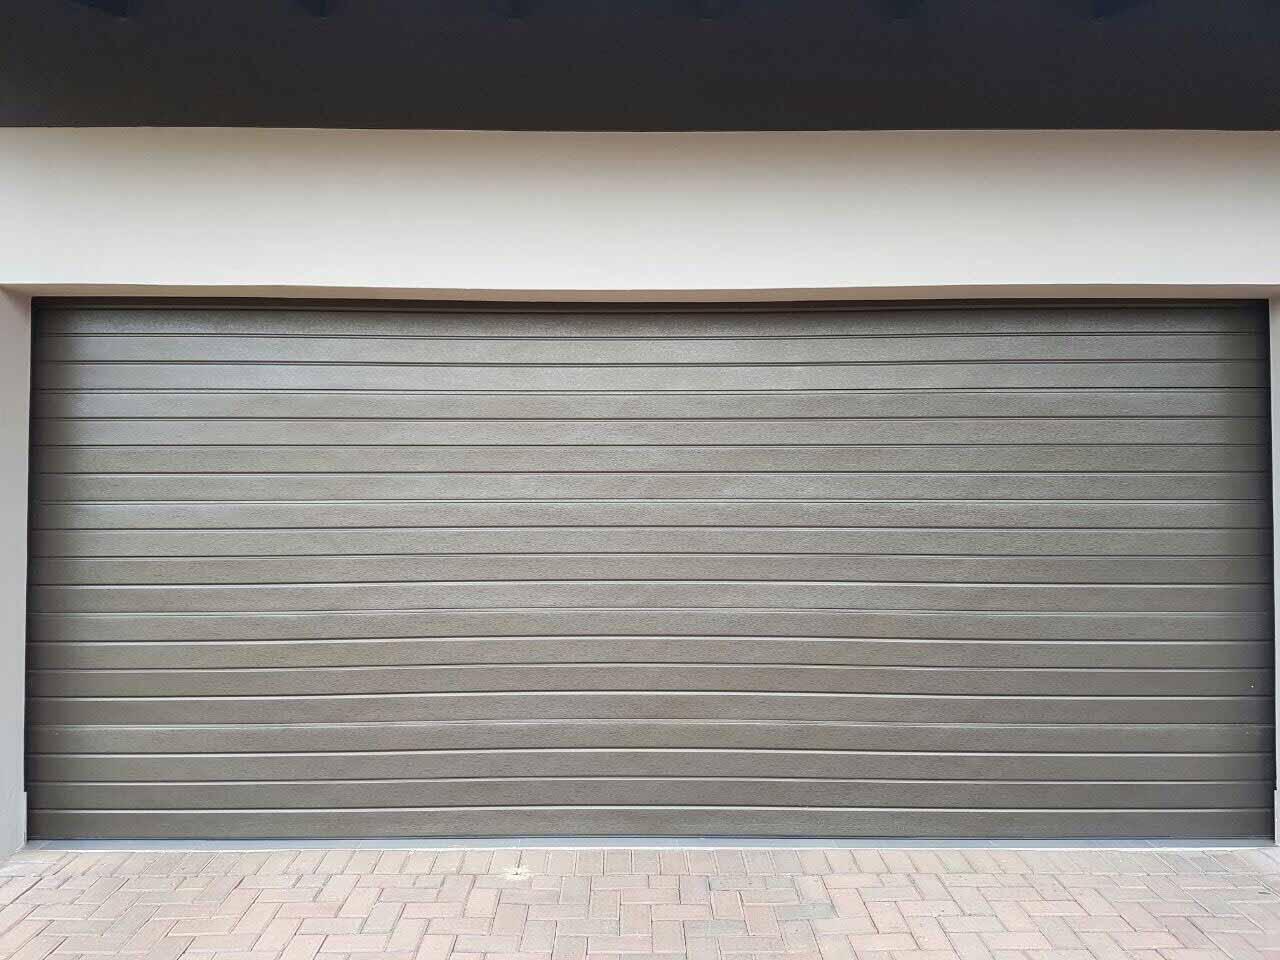 960 #5C666F DoorNet Garage Door Manufacturers save image Garage Doors Brands 38471280